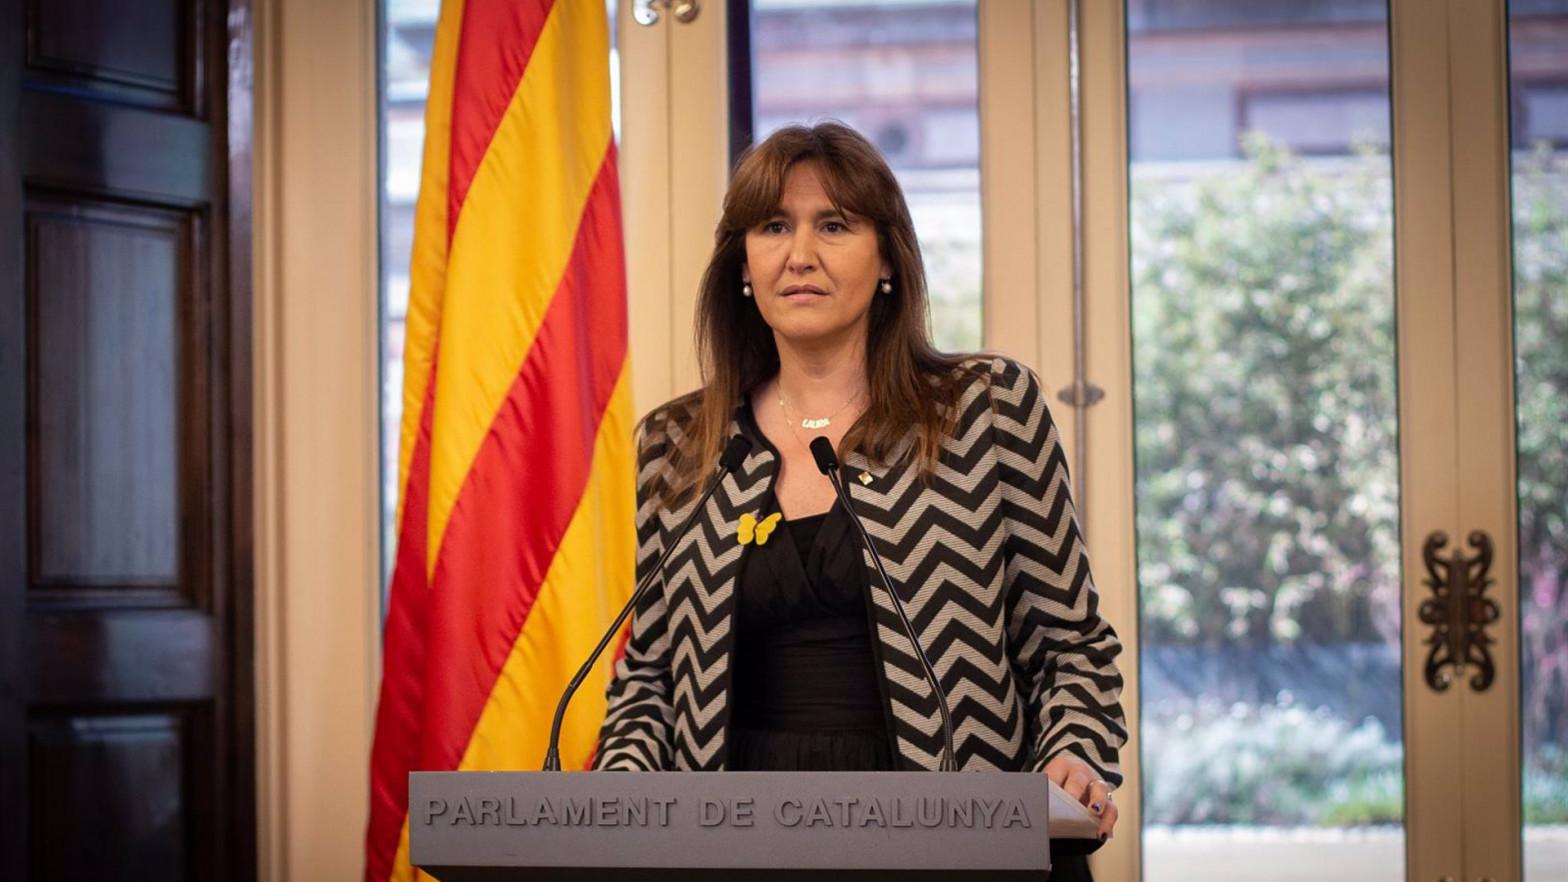 Borràs propone a Aragonès para la investidura a la Presidencia de la Generalitat pese a la falta de acuerdo con Junts